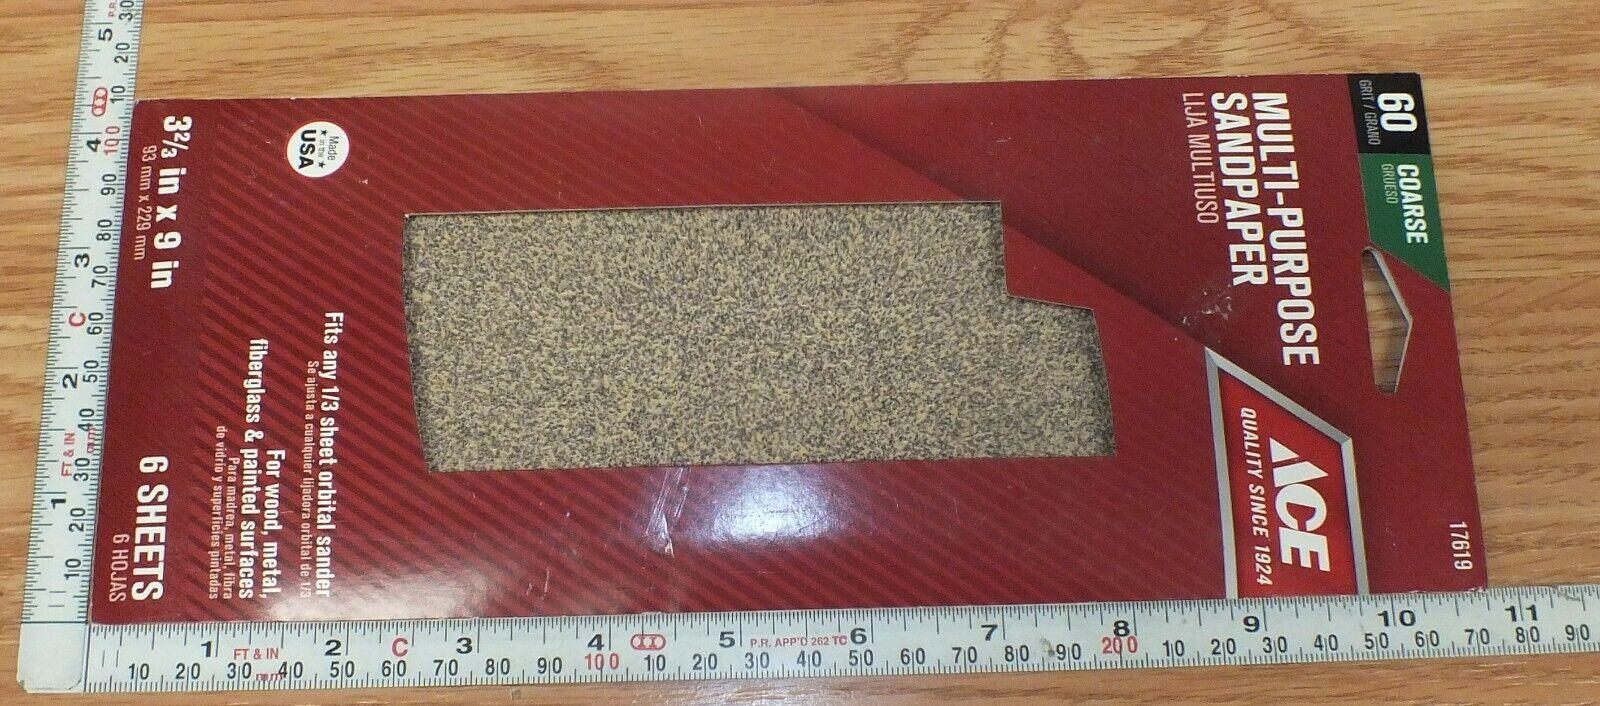 1//3 Sheet Sandpaper 60 Grit Fits 1//3 Sheet Orbital Sander Pack of 6 Ace 17619